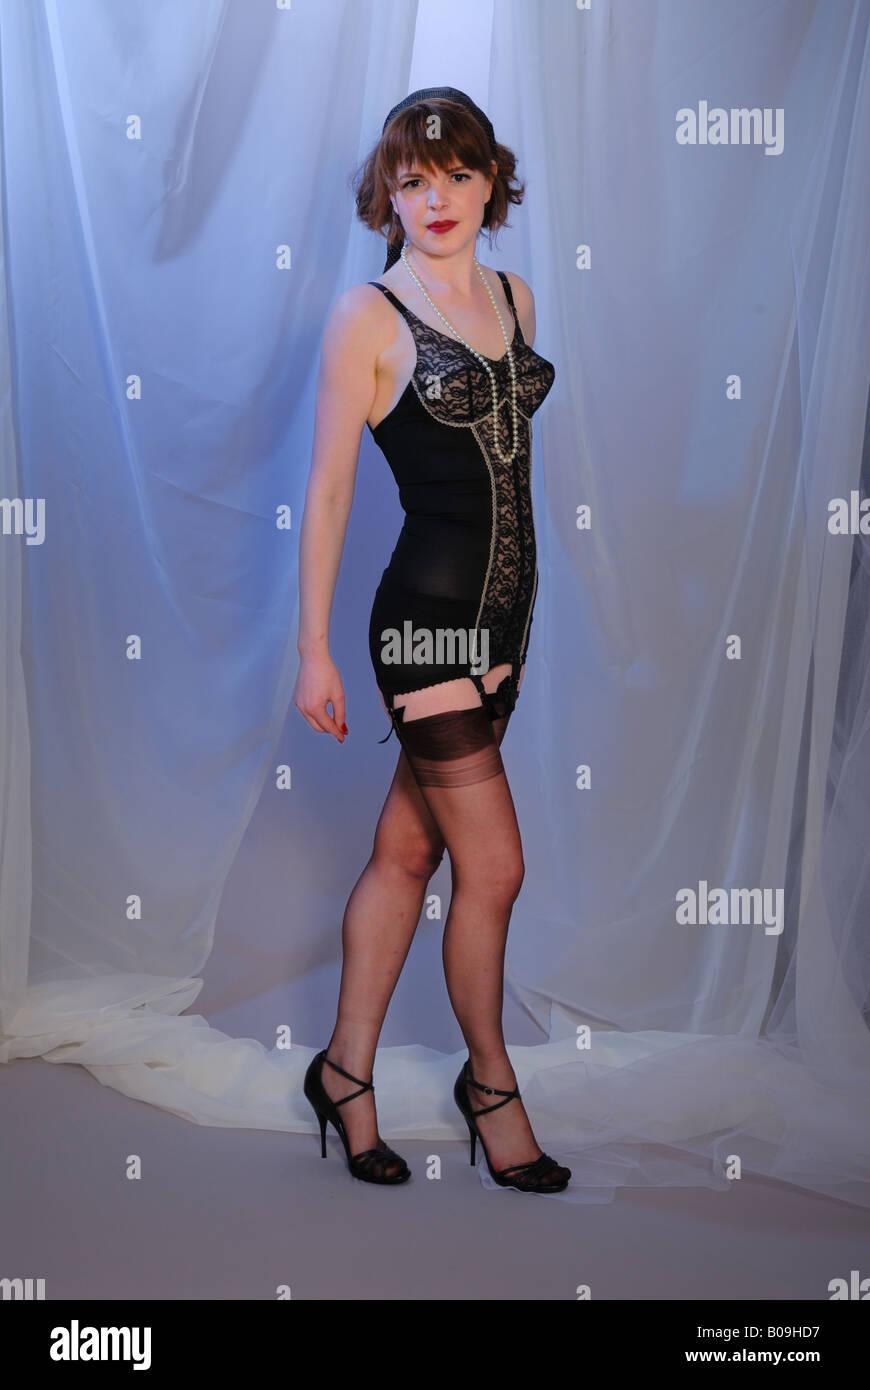 3e1e3dbabd attractive retro fifties pinup girl in vintage black corselette and nylon  stockings